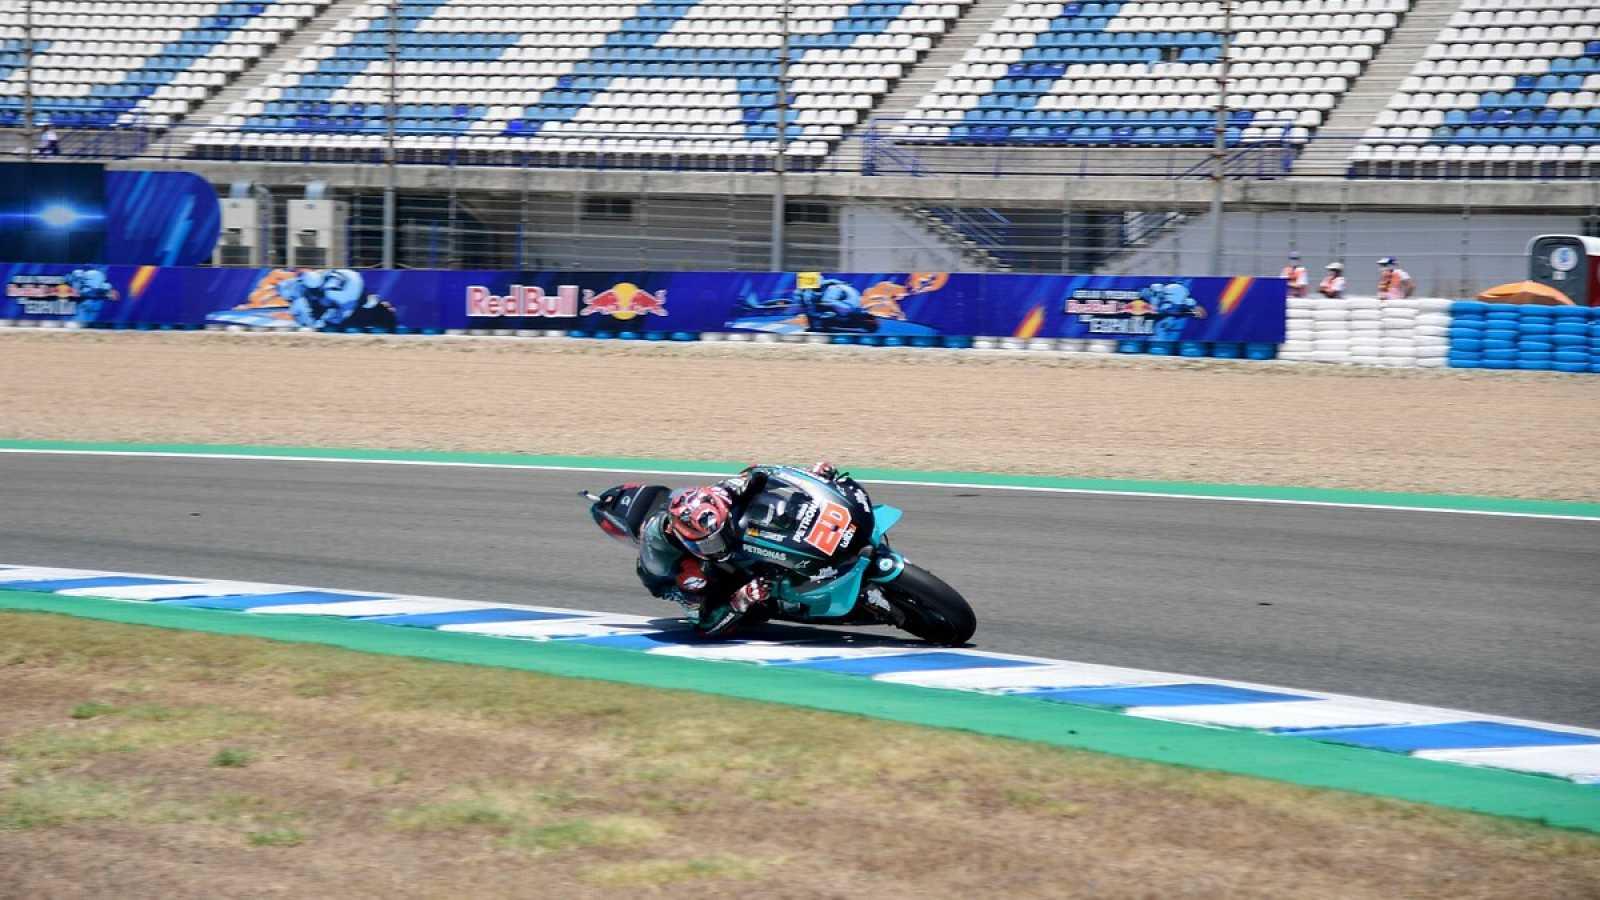 Imagen: Fabio Quartararo rueda en el circuito de Jerez